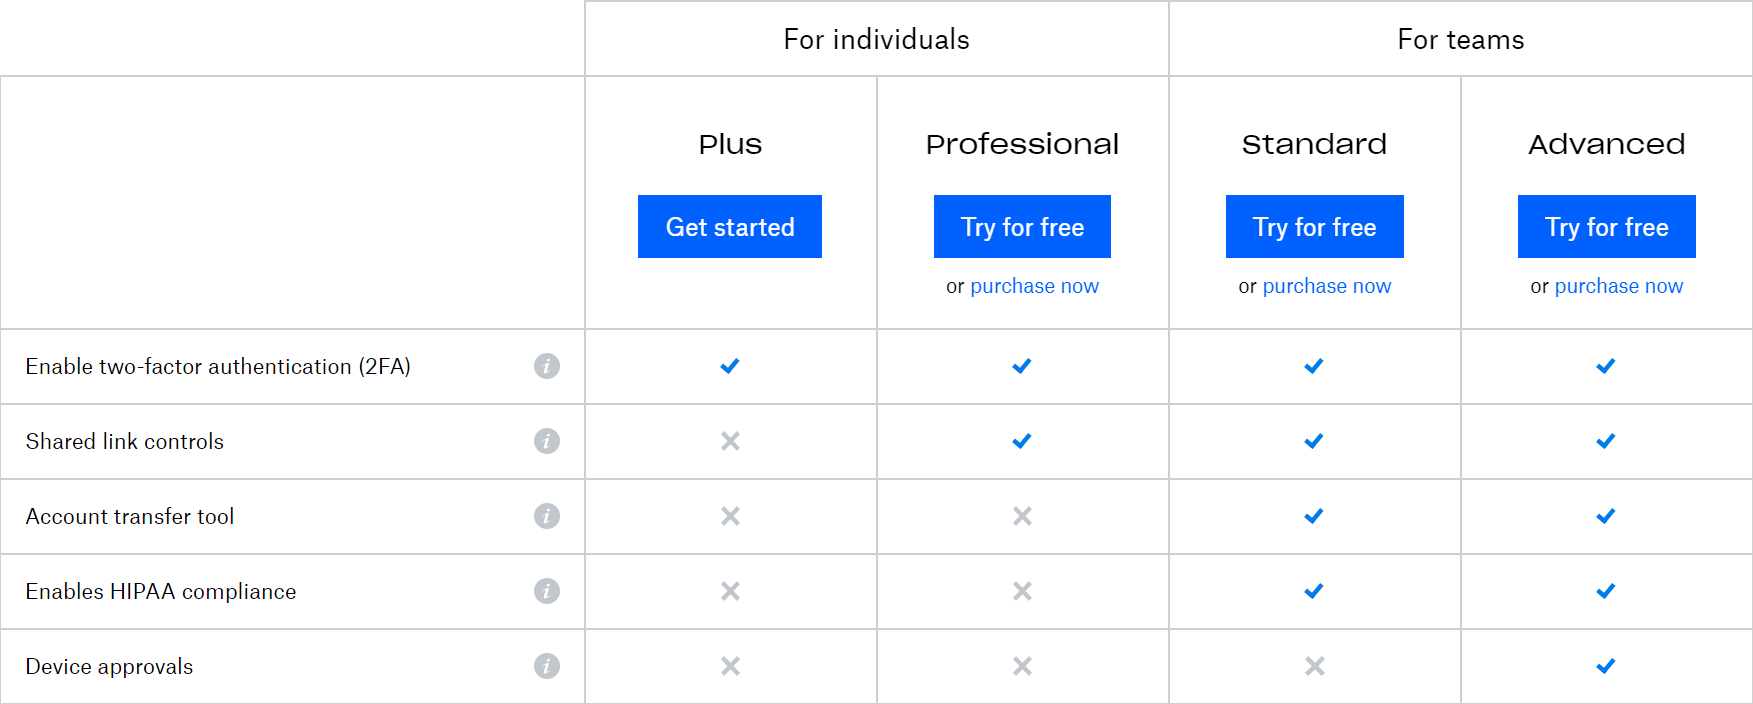 Dropbox pricing